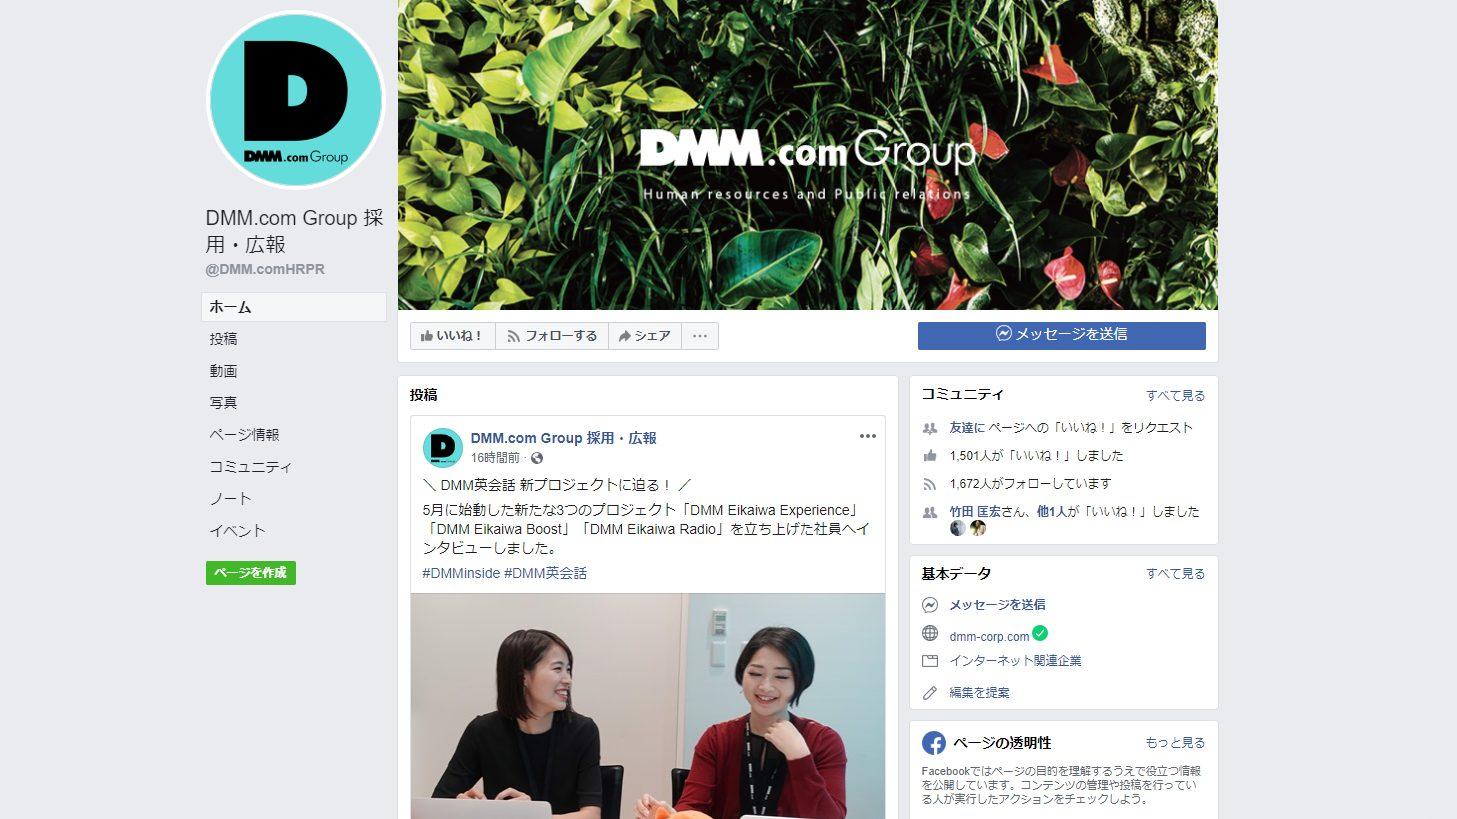 facebook-dmmcom